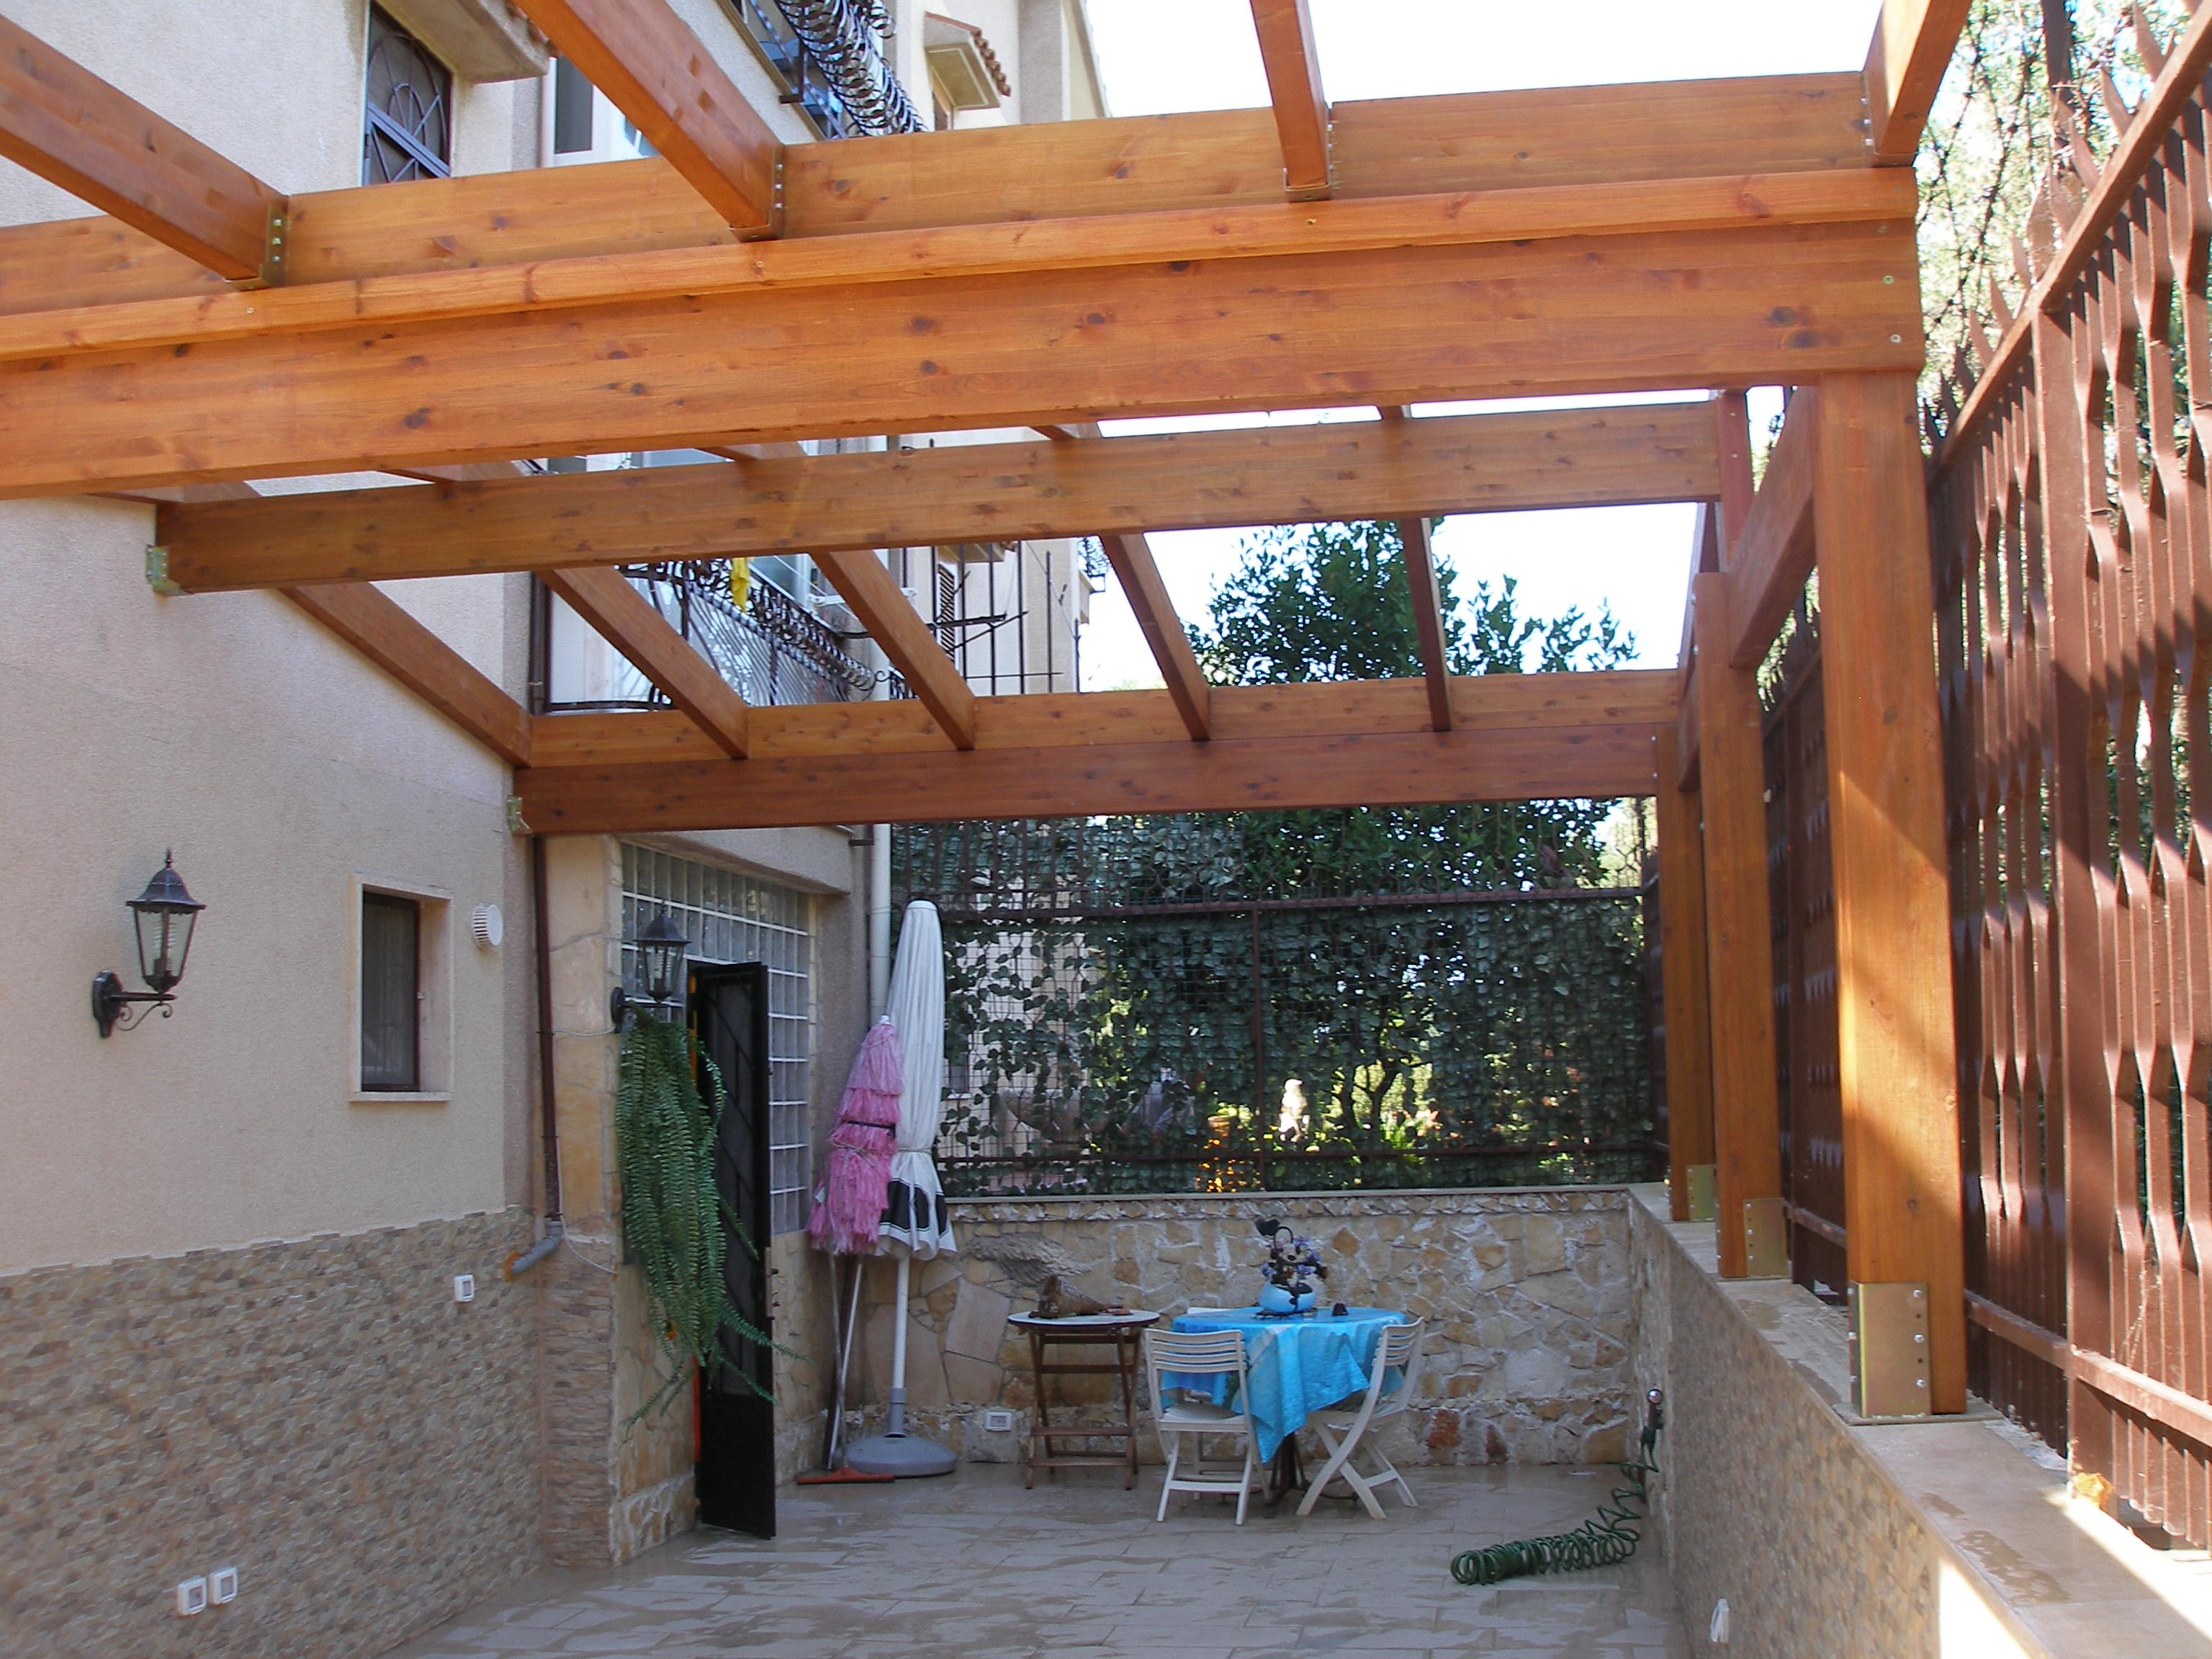 Copertura a due falde con lucernari for Lucernari per tetti in legno